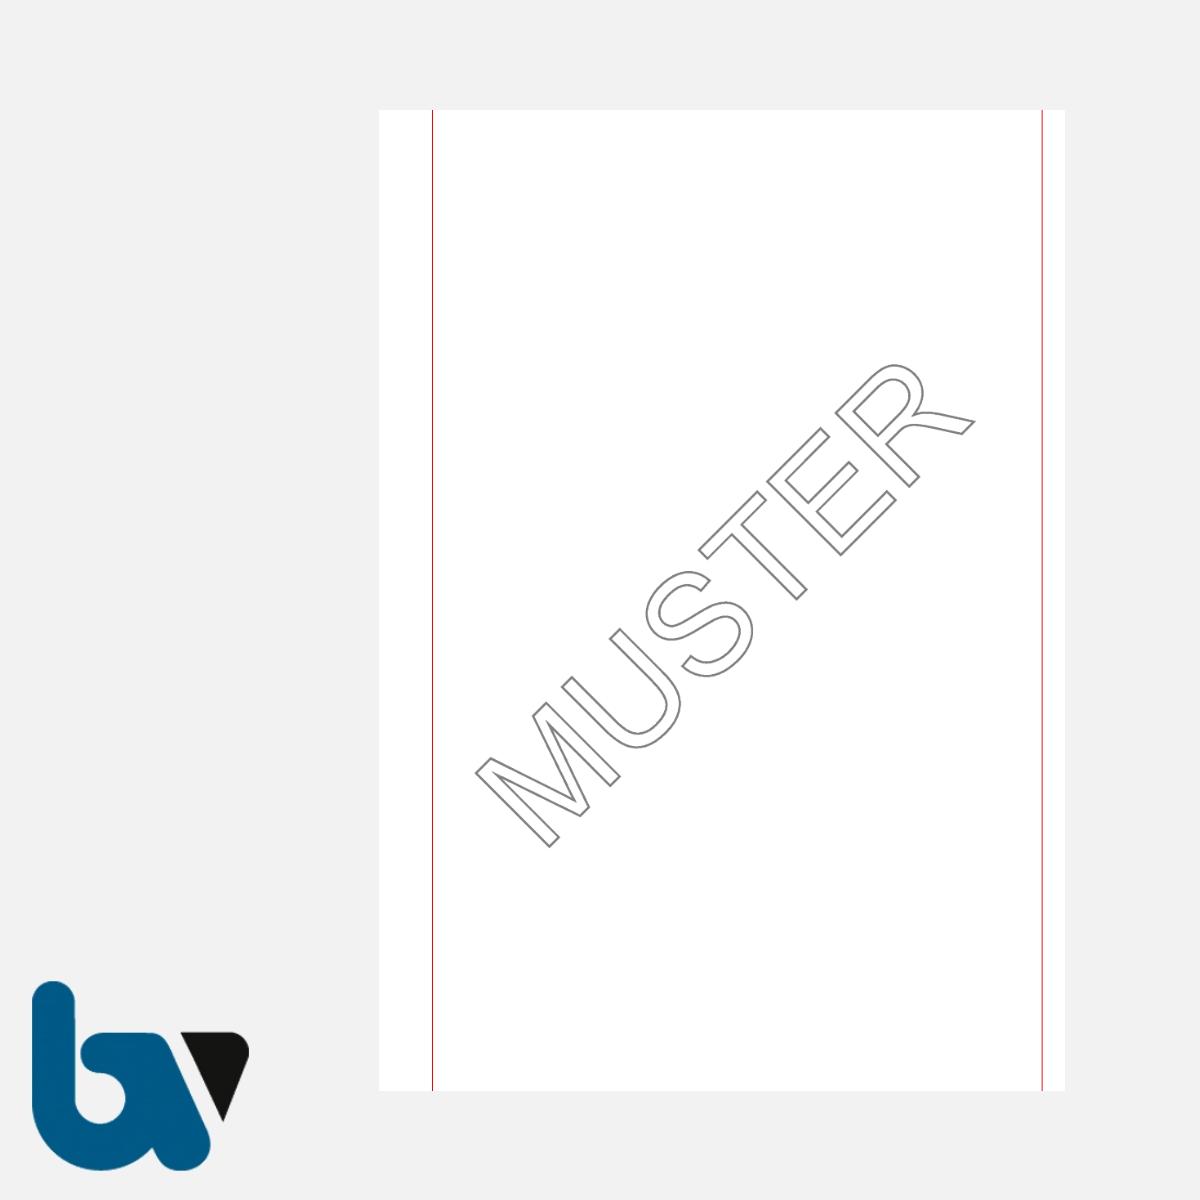 0/168-8us Urkundenpapier Standesamt Personenstand Urkunde Register Dokument ungelocht rot Schmuckrand 100gr Stammbuch Format 130 200 | Borgard Verlag GmbH